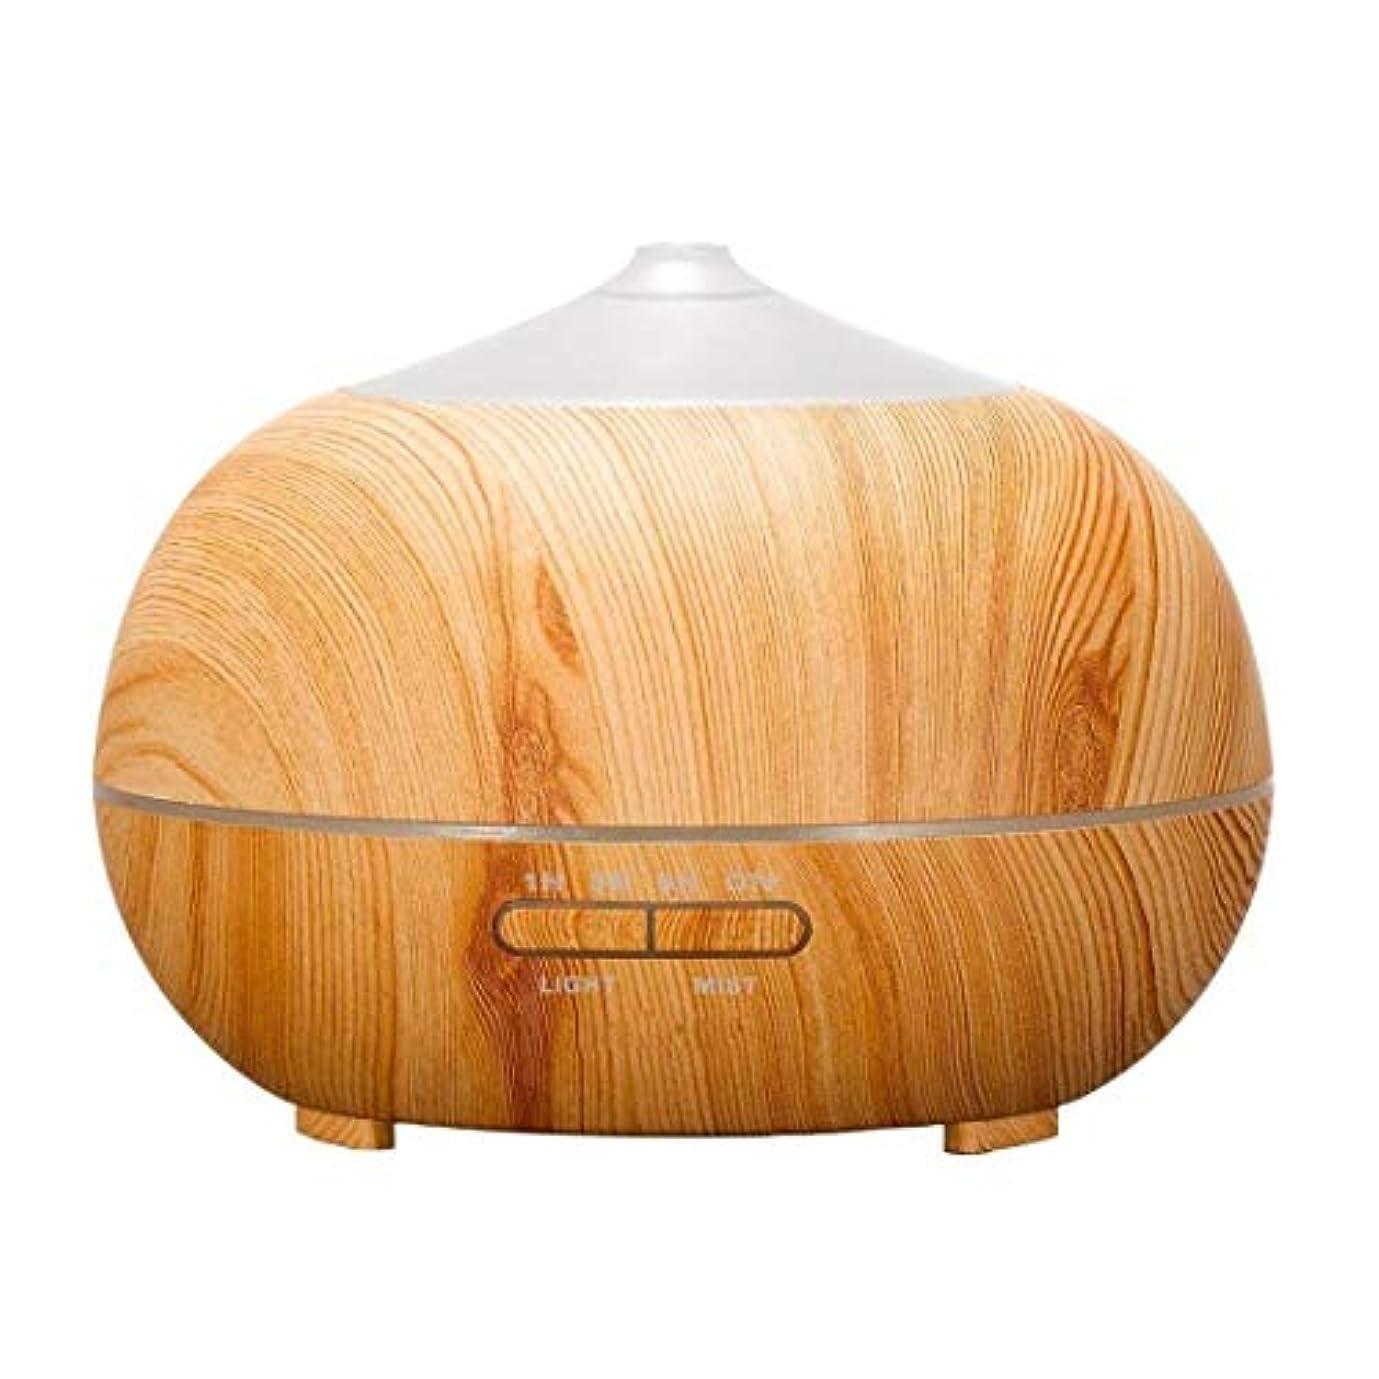 マインドフル封建変装したオフィスホームベッドルーム用超音波空気加湿器-アロマディフューザー-エッセンシャルオイルディフューザー-快適に眠り、職場を簡単に制御できる超静音